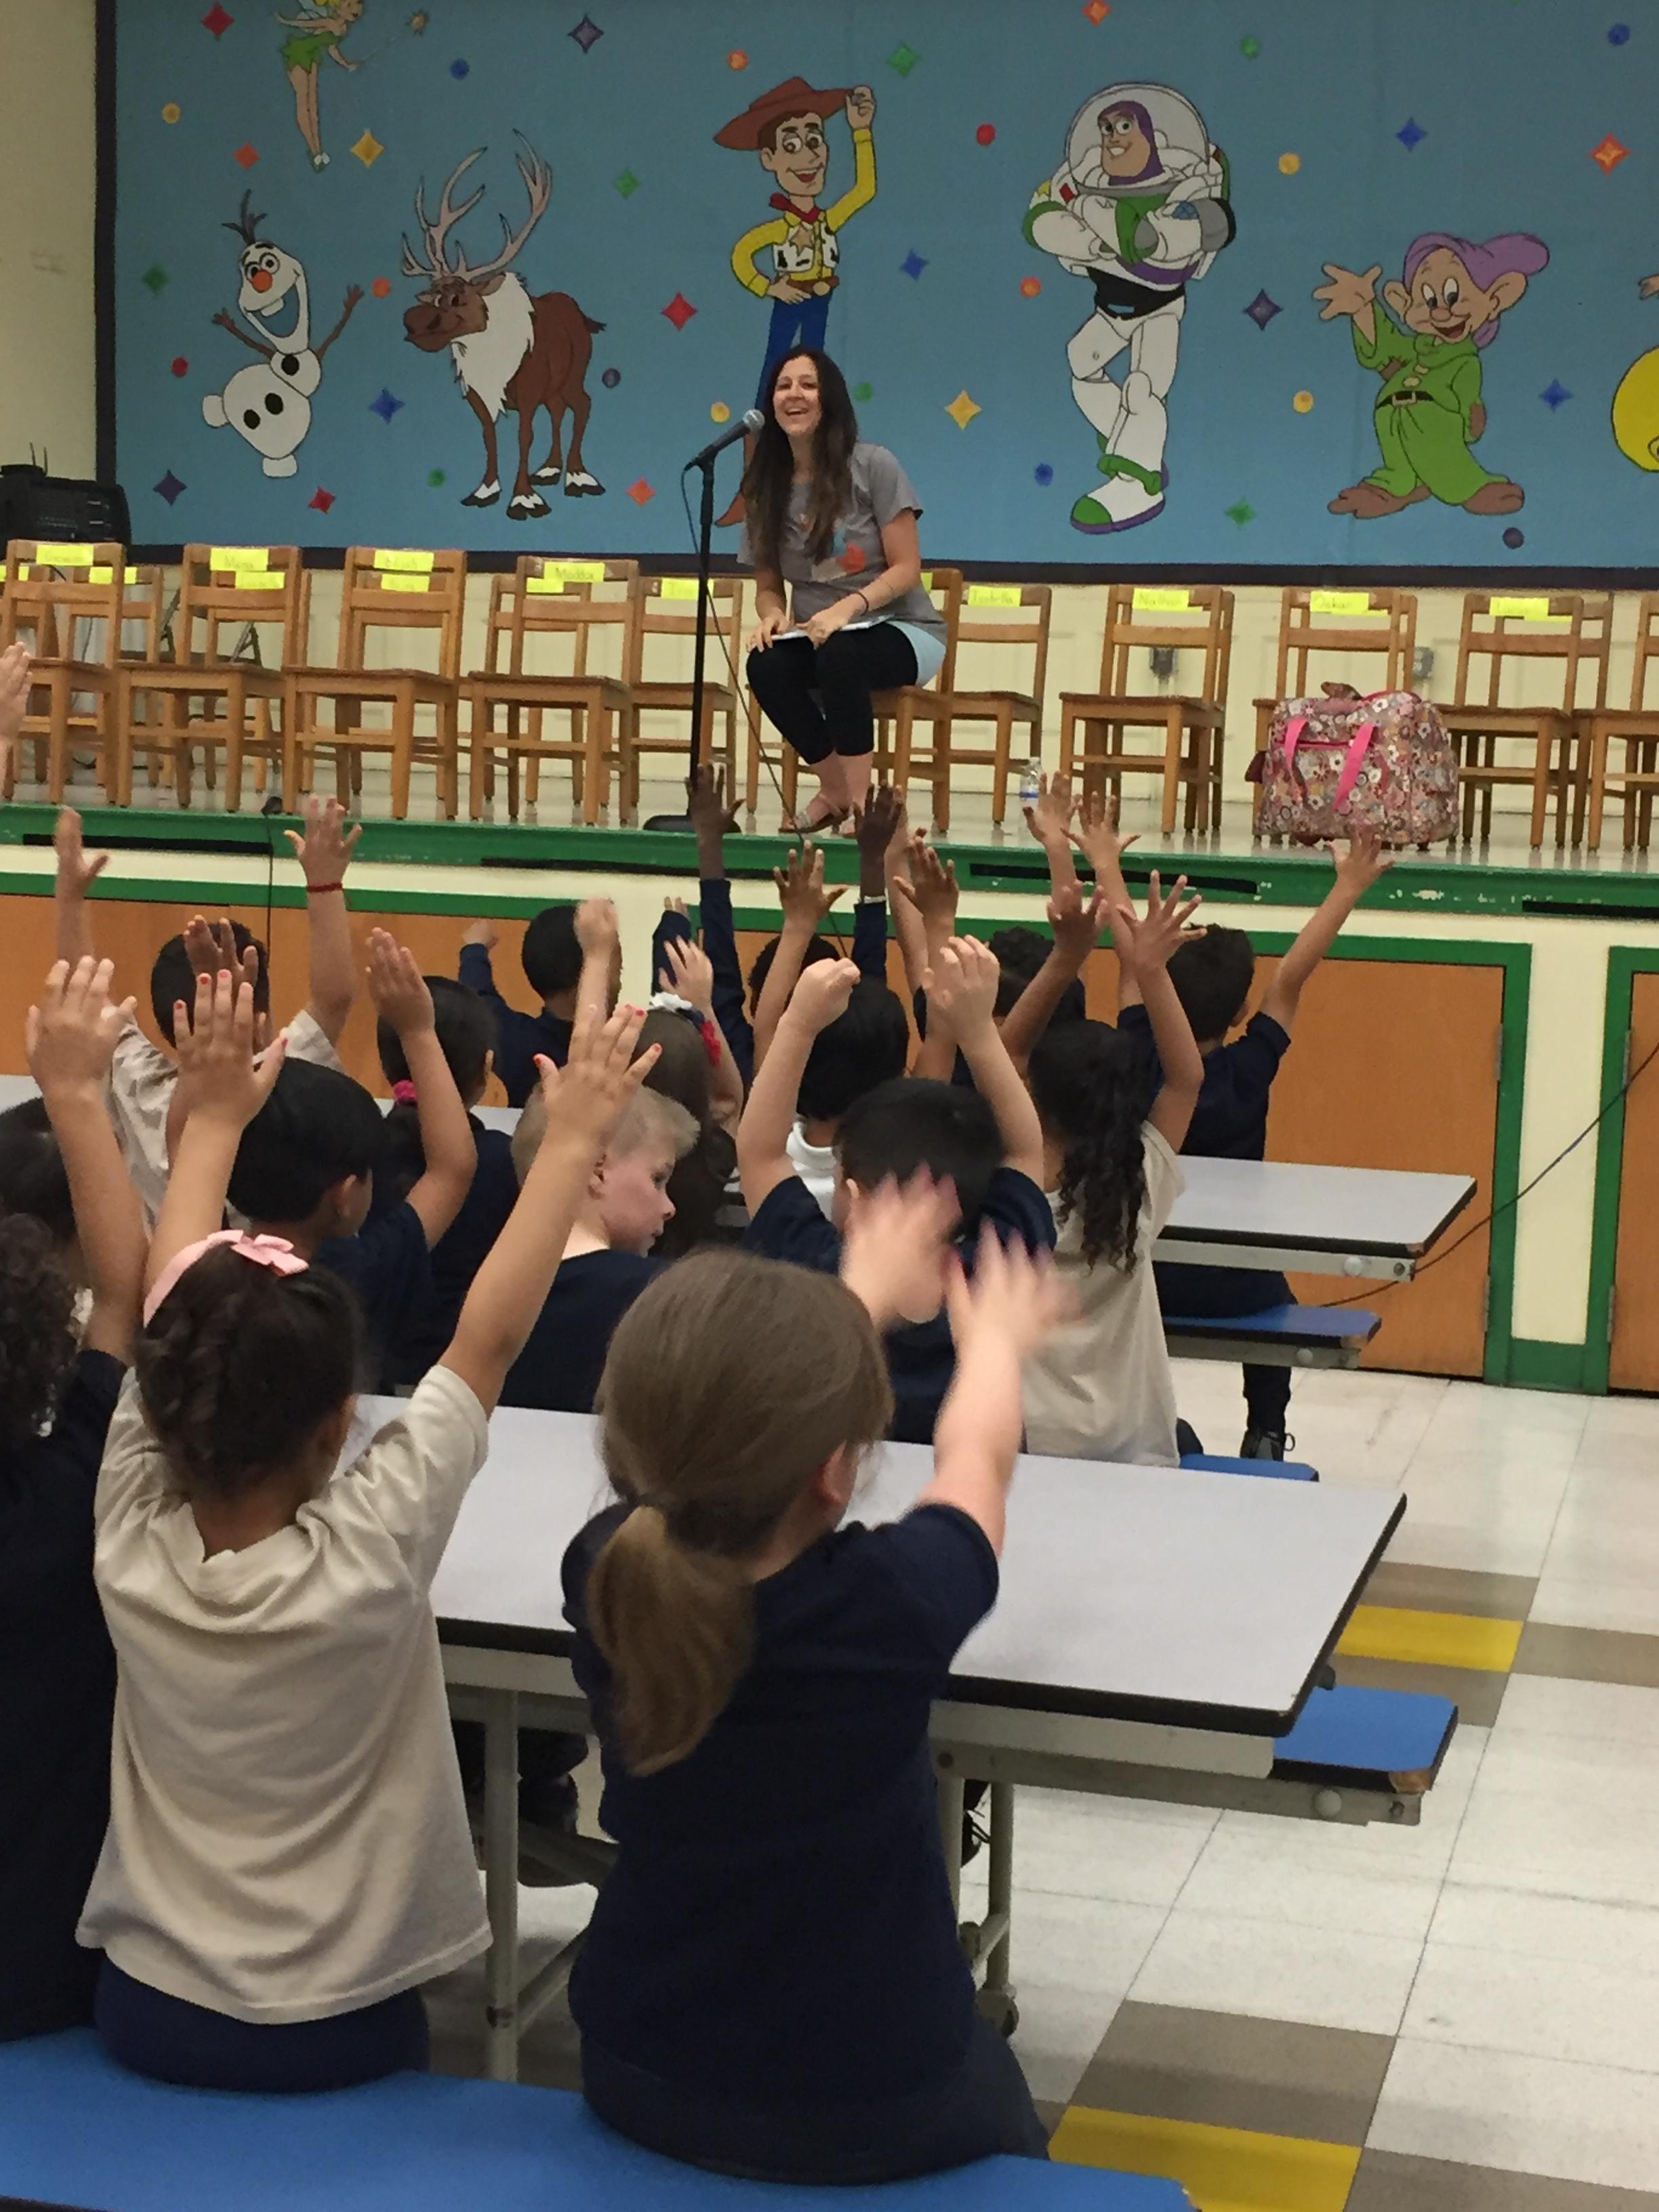 Gorilla school visit Vroom Bayonne NJIMG_6816.JPG